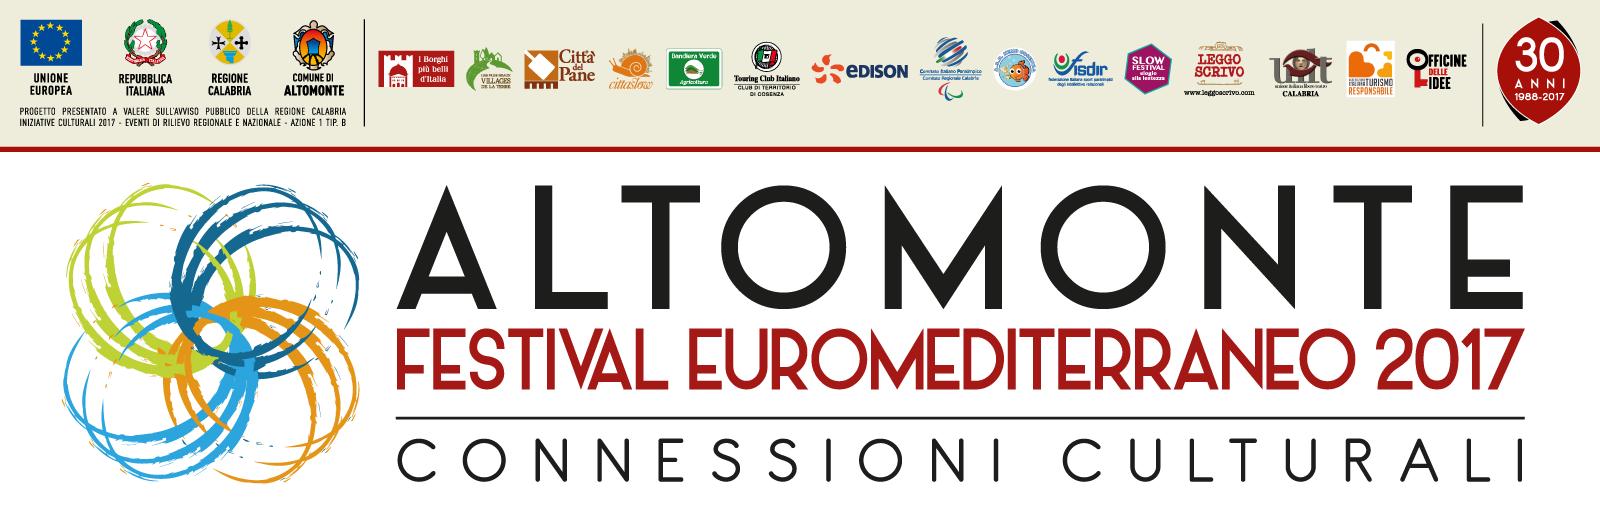 Altomonte Festival 2017